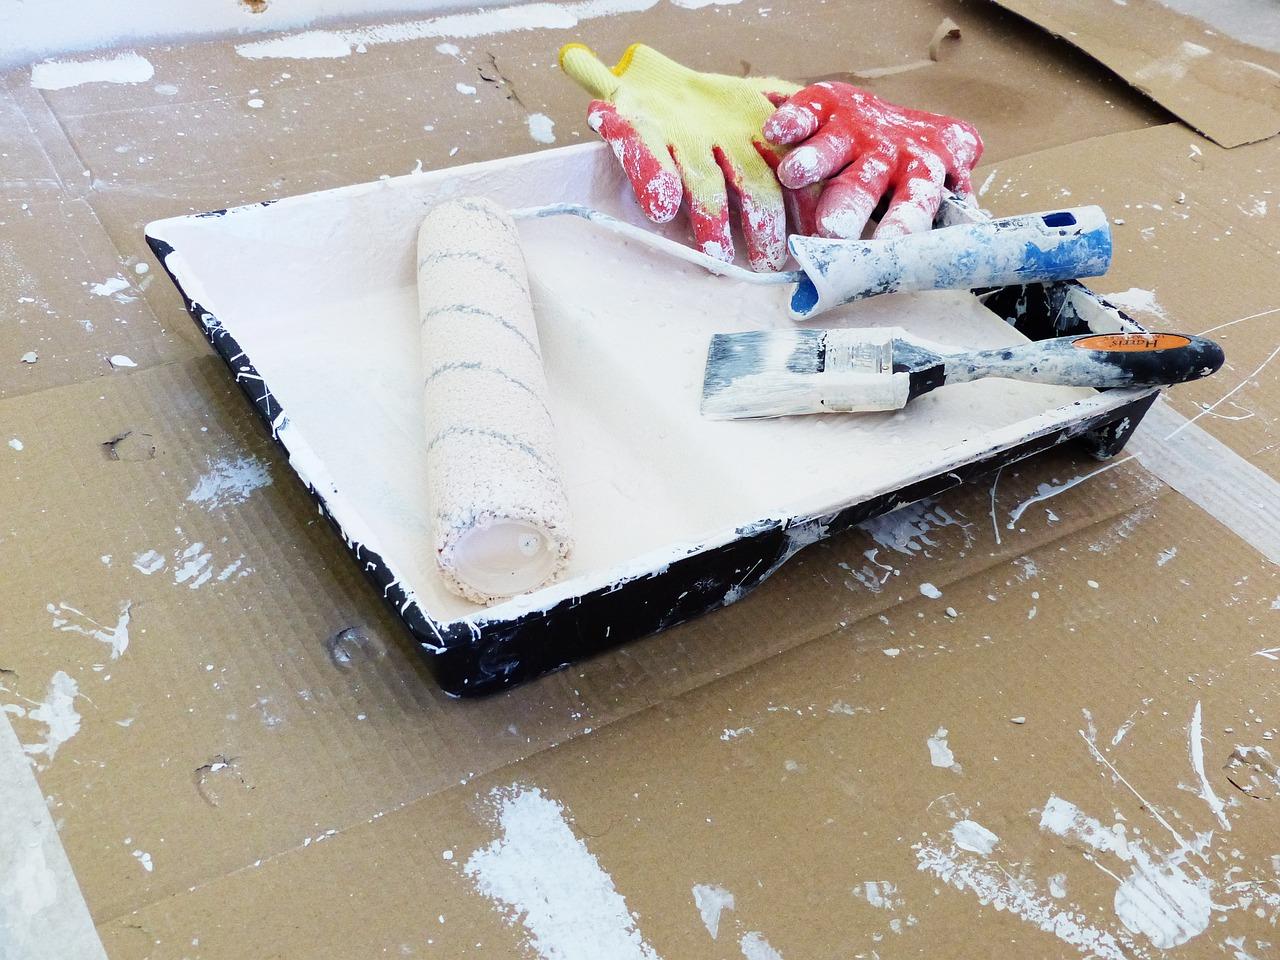 comment nettoyer ses outils de peinture